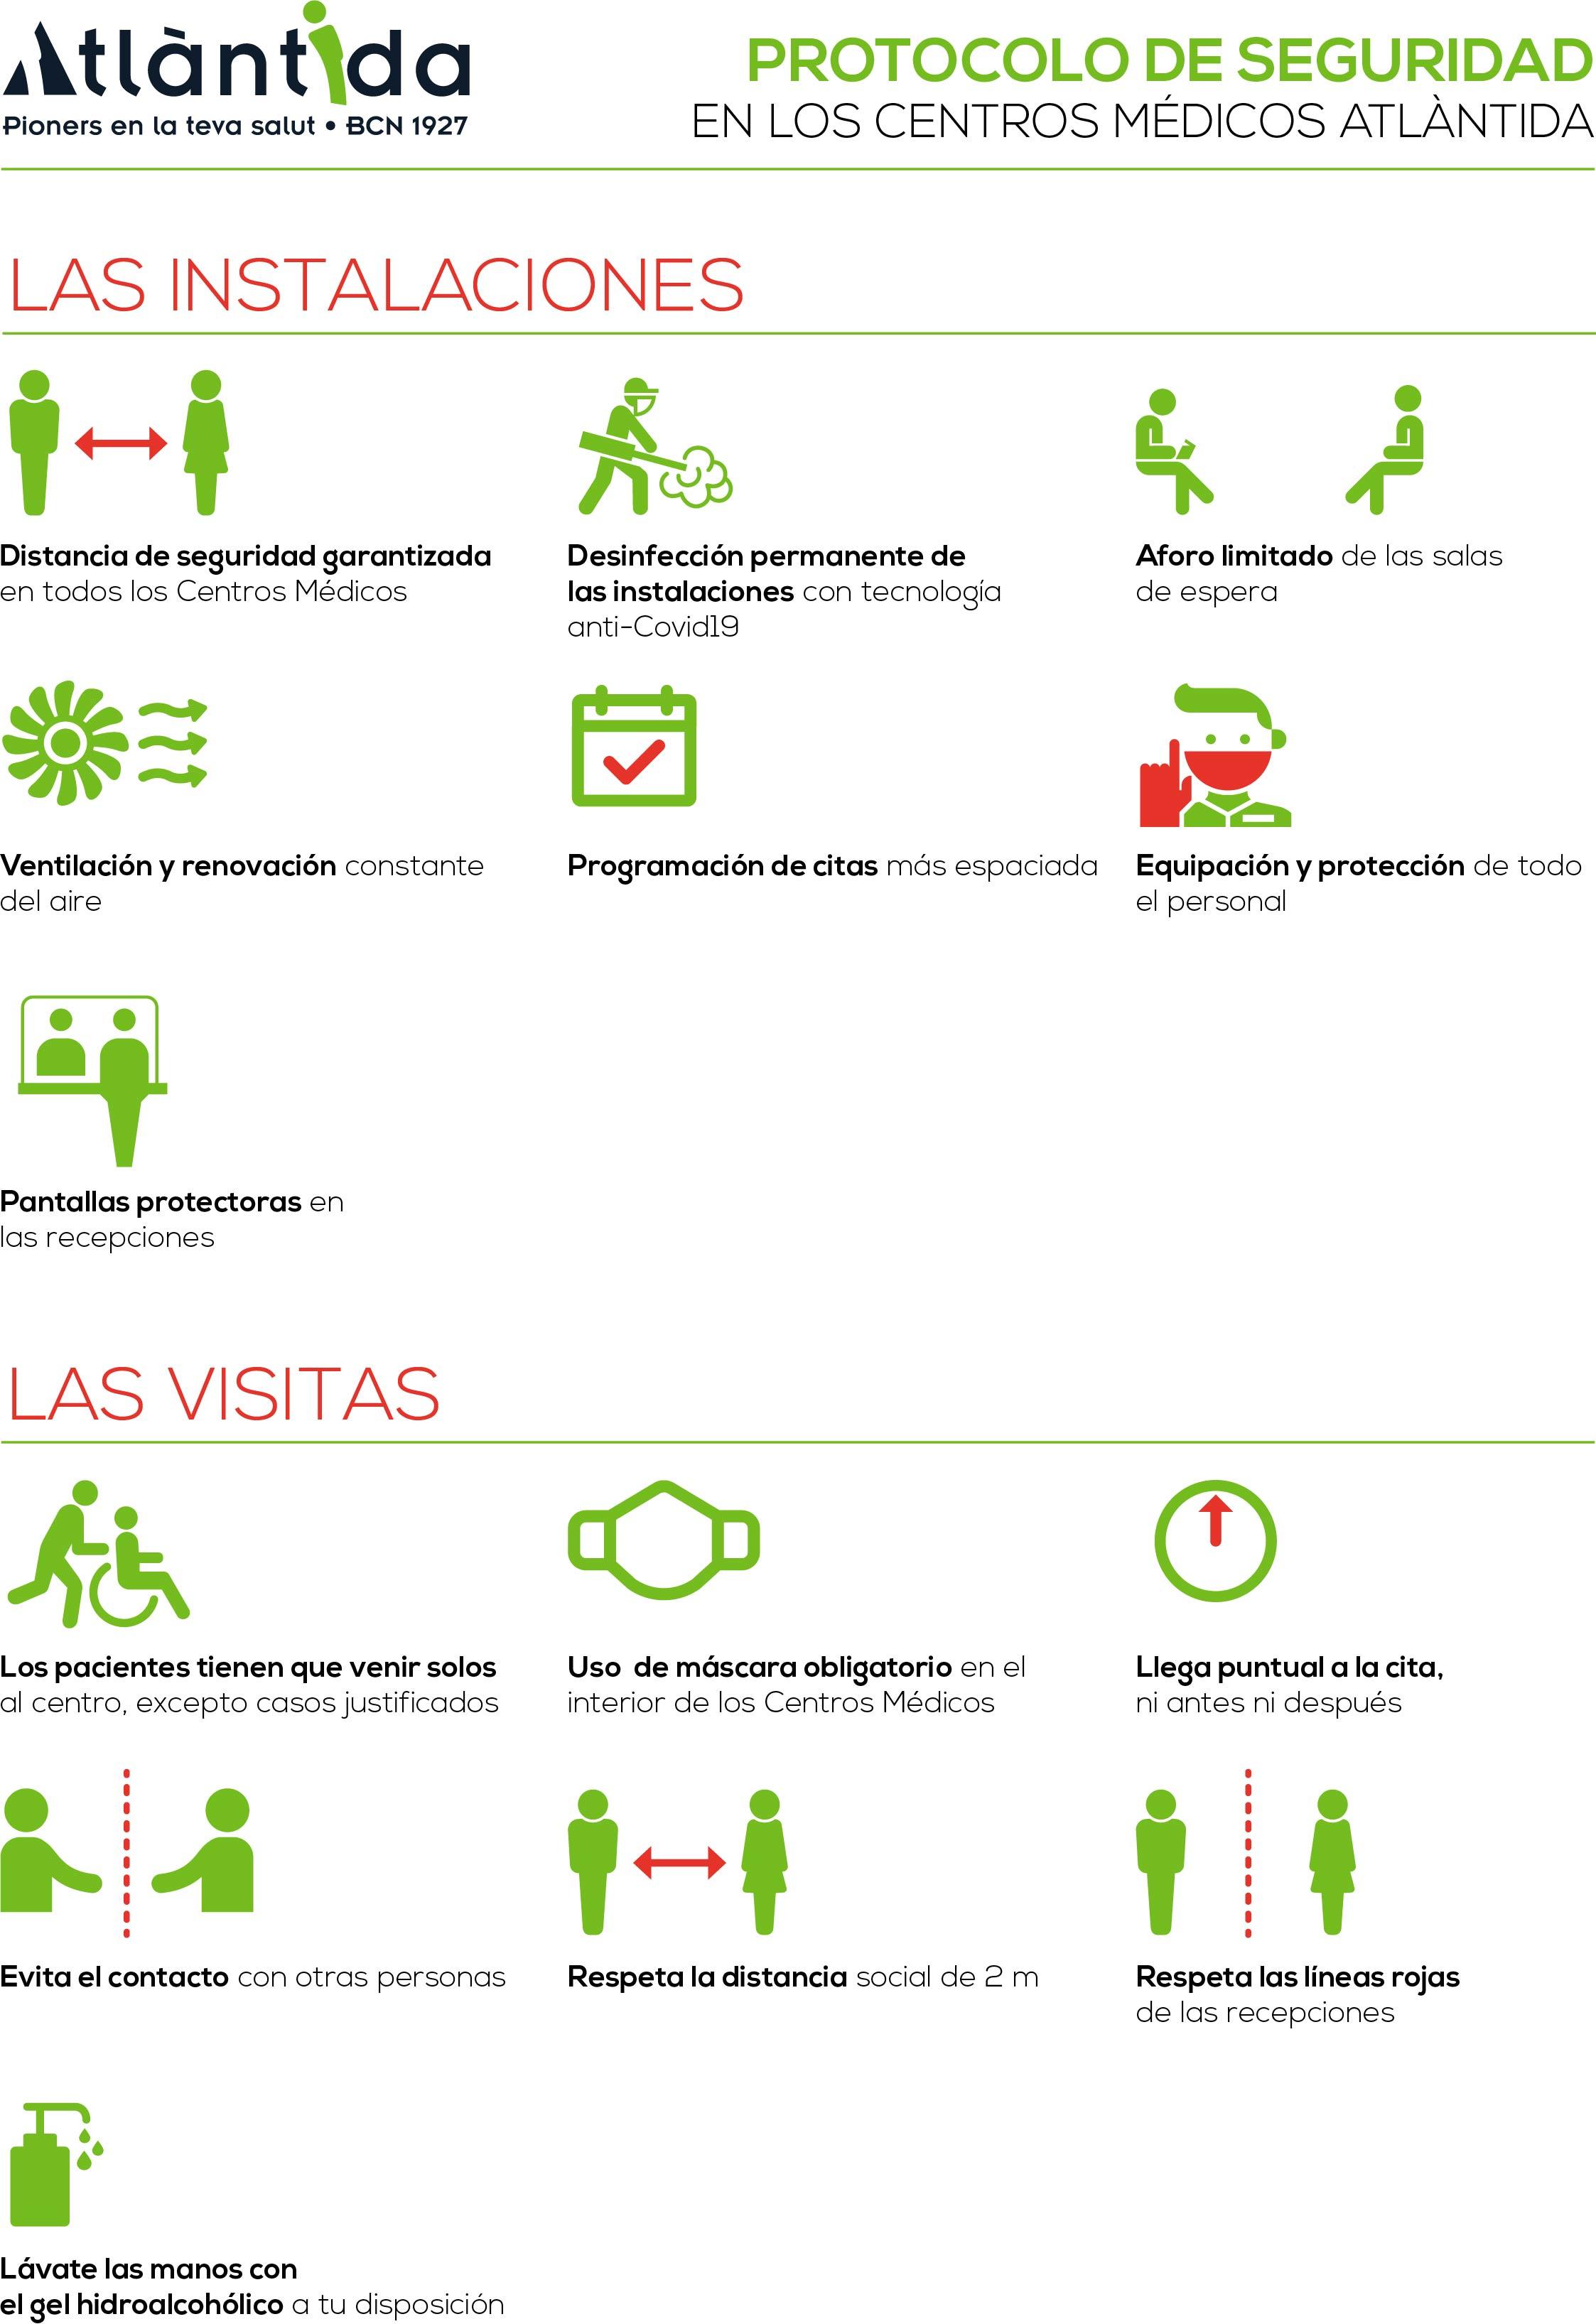 PROTOCOLS DE SEGURETAT ALS CENTRES_ A4_ES